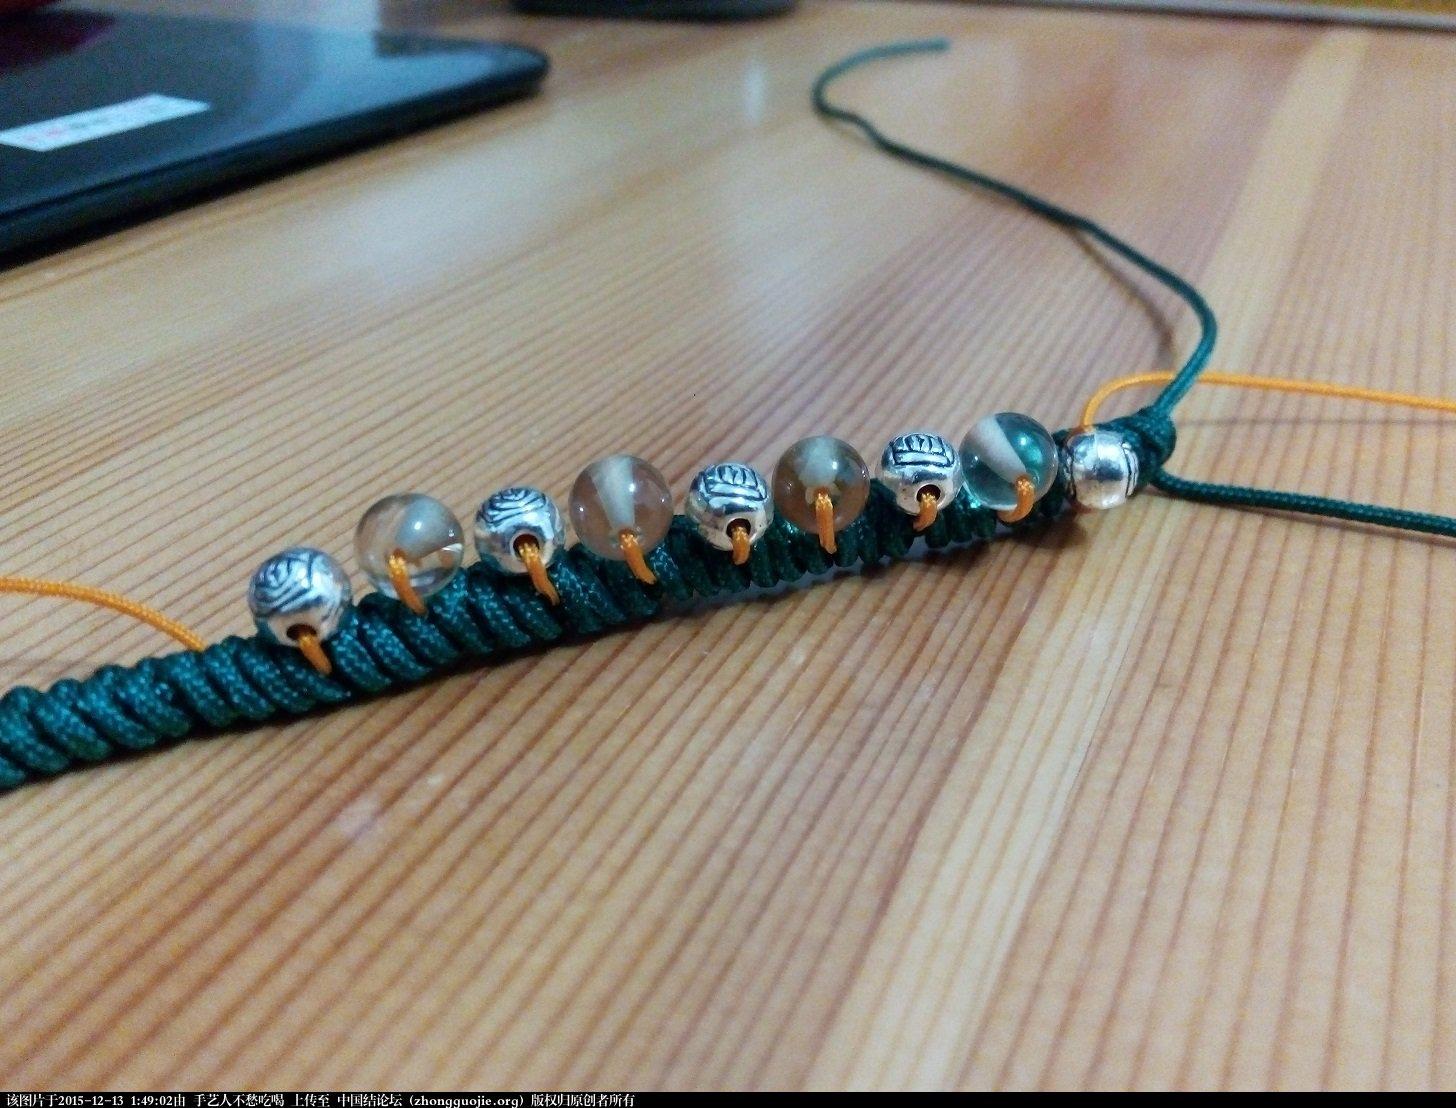 中国结论坛 新手玩转基础结-金刚结串珠手链 金刚,串珠,如何 图文教程区 014743alzi6eaibxi8lbex